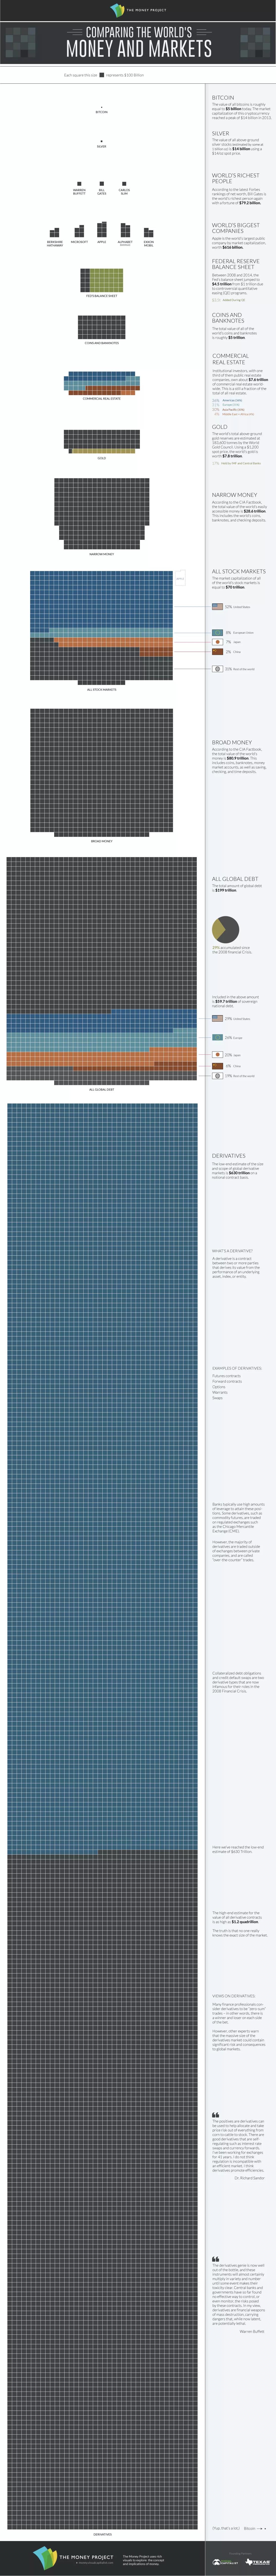 インフォグラフィック:地球にあるお金の総量。合計は17京6000兆円(1600兆ドル)